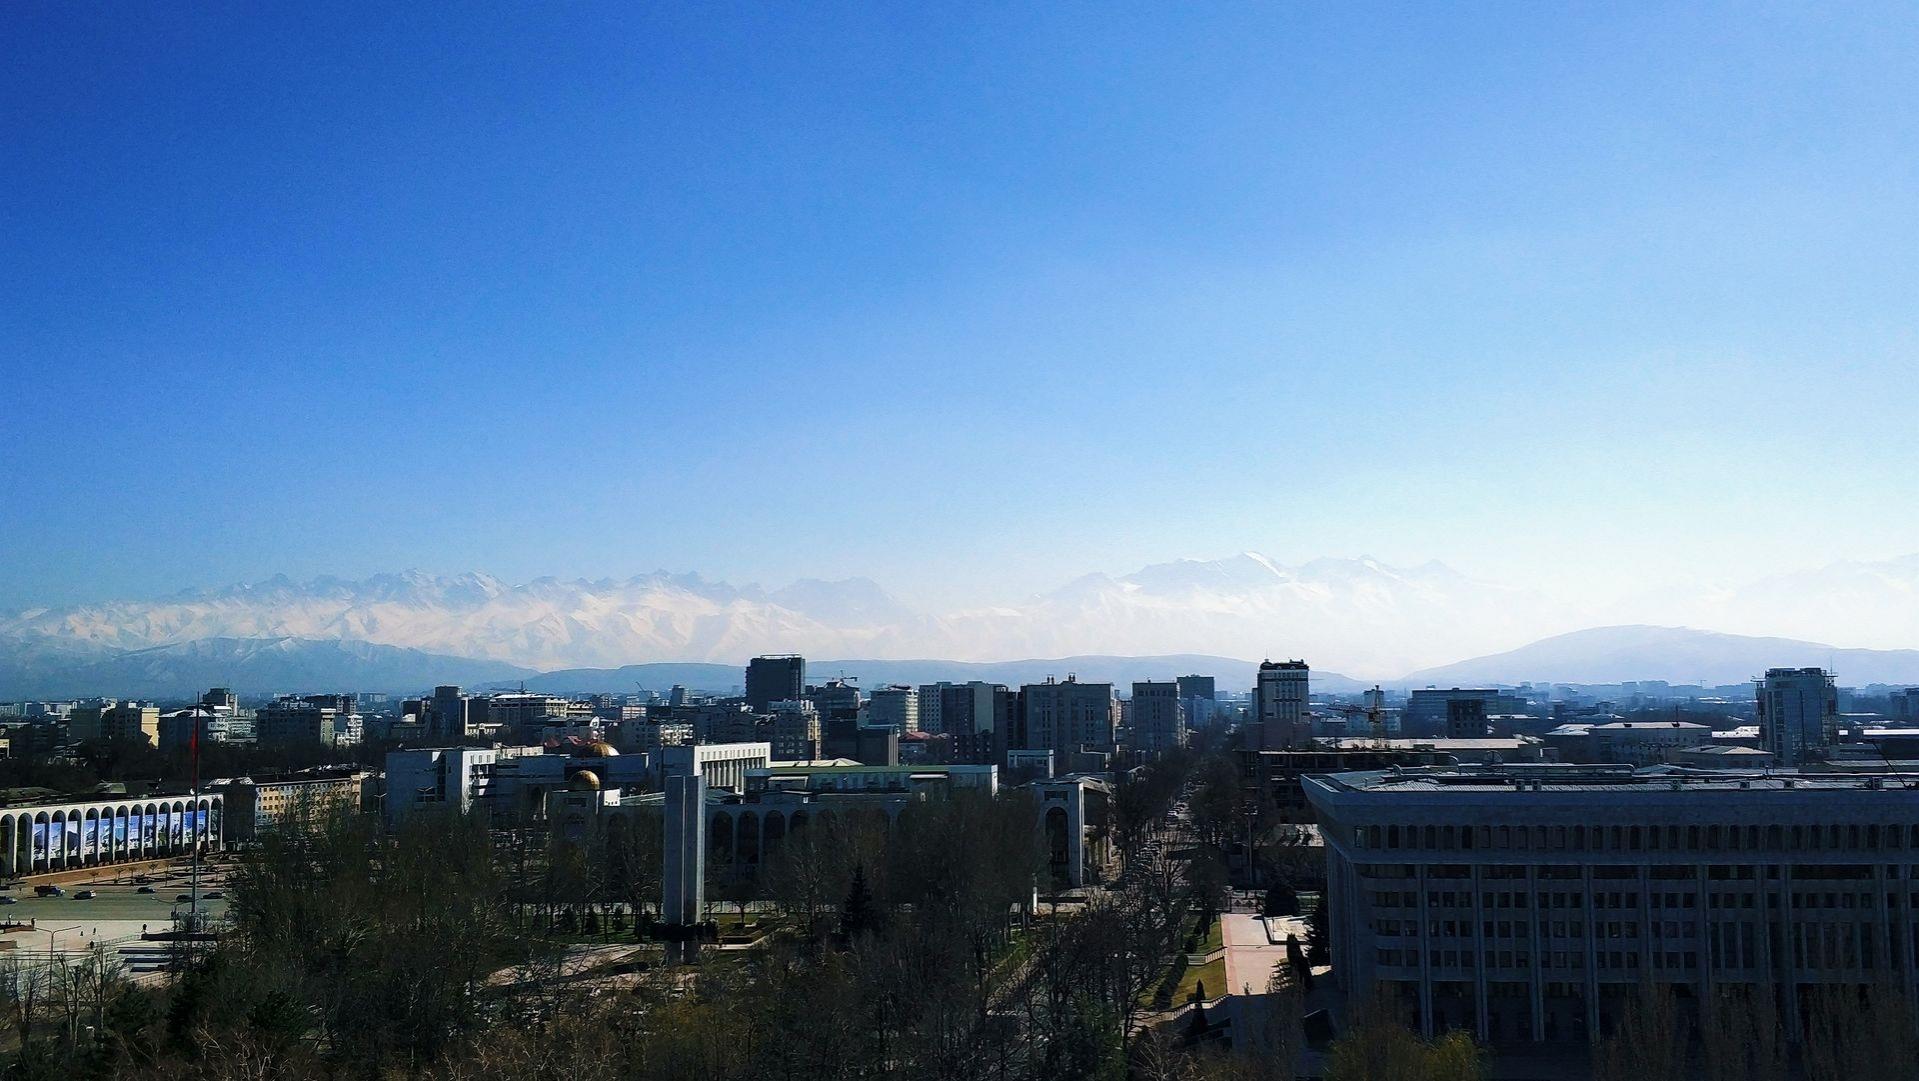 Изображение для статьи Энергия города. Анализ и перспективы развития Бишкека 2112